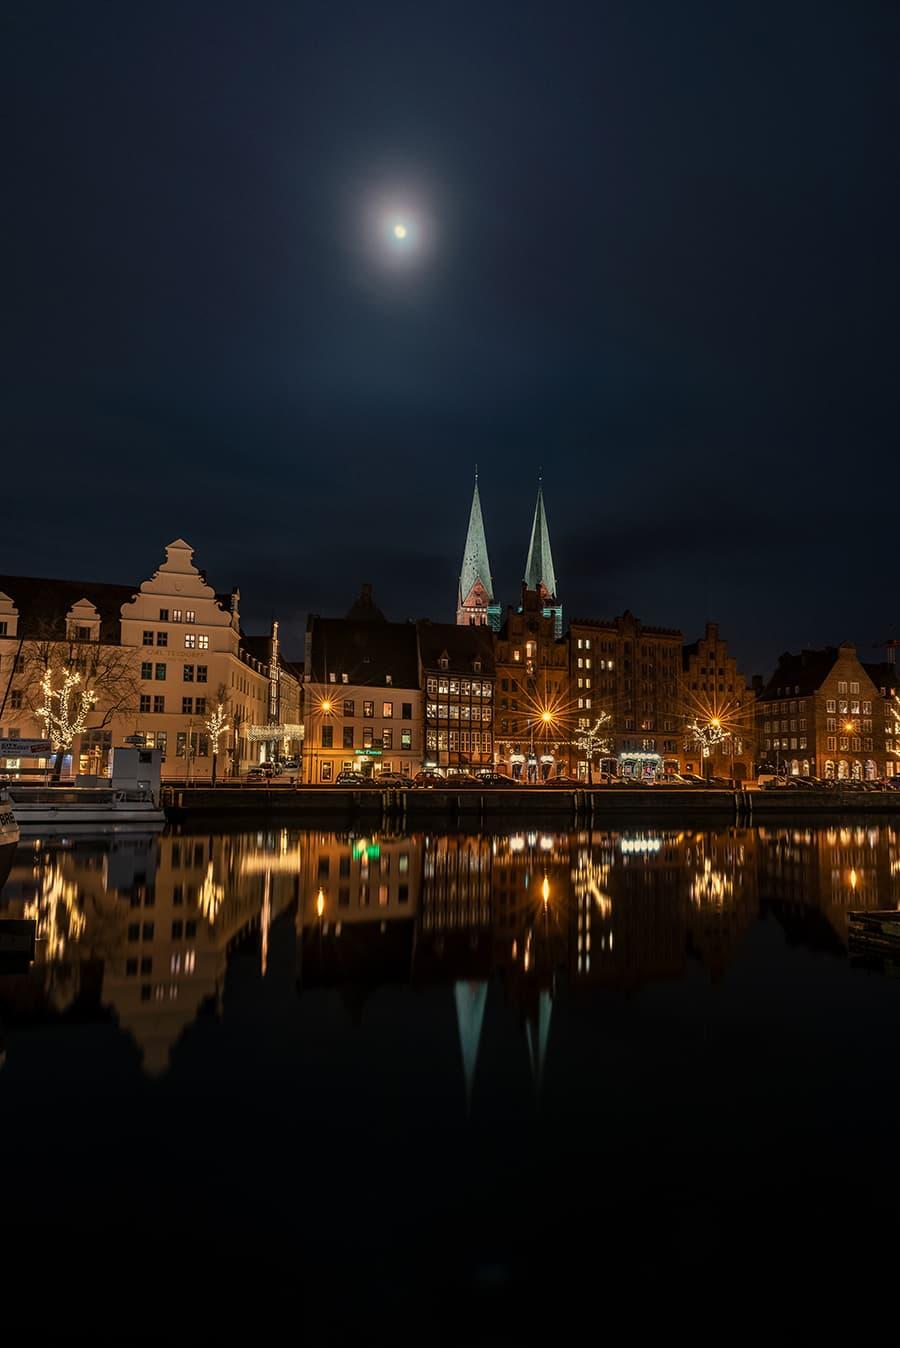 Marienkirche mit Spiegelung im Wasser